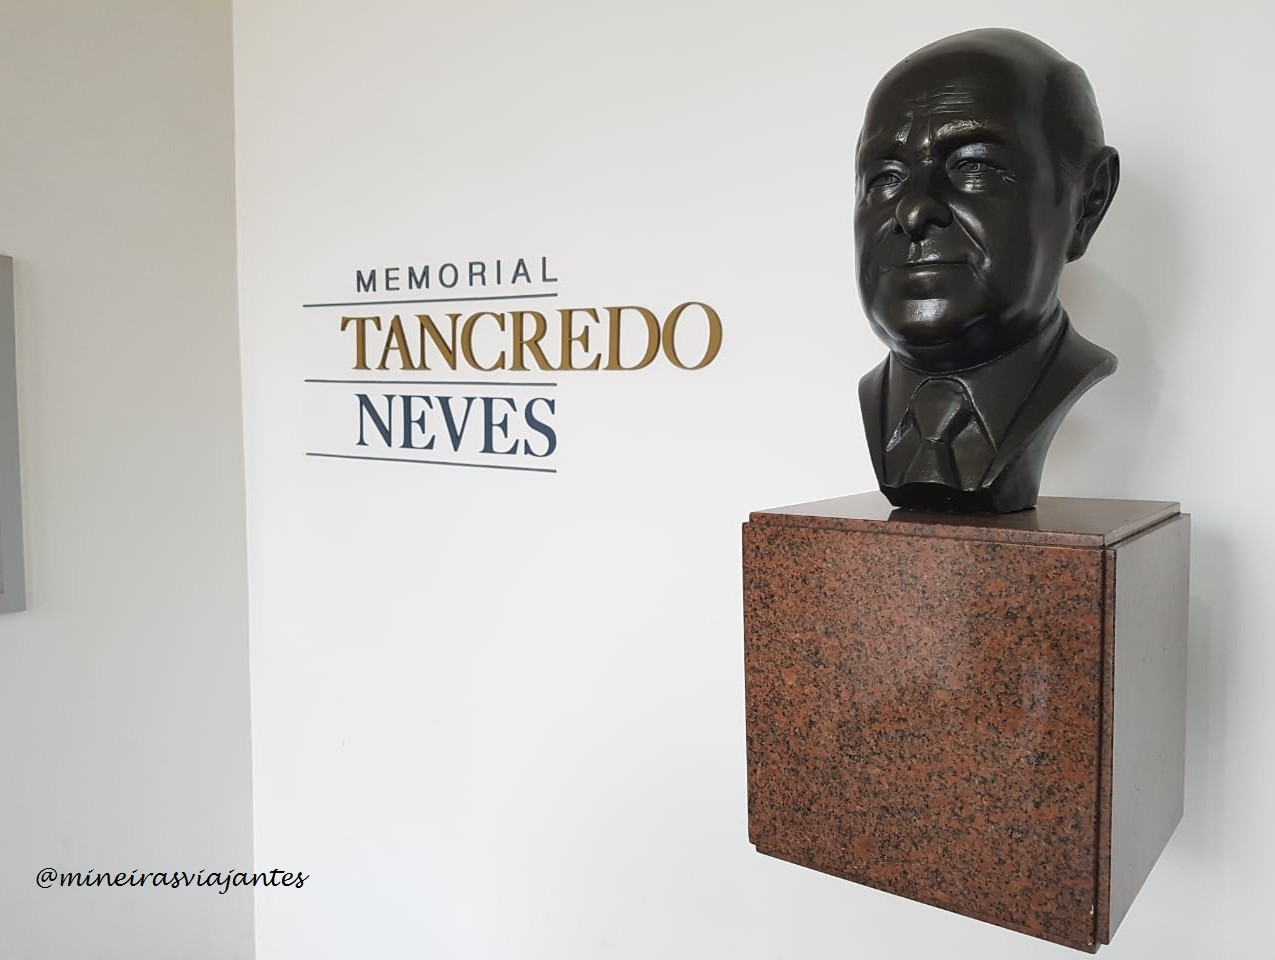 Memorial Tancredo Neves